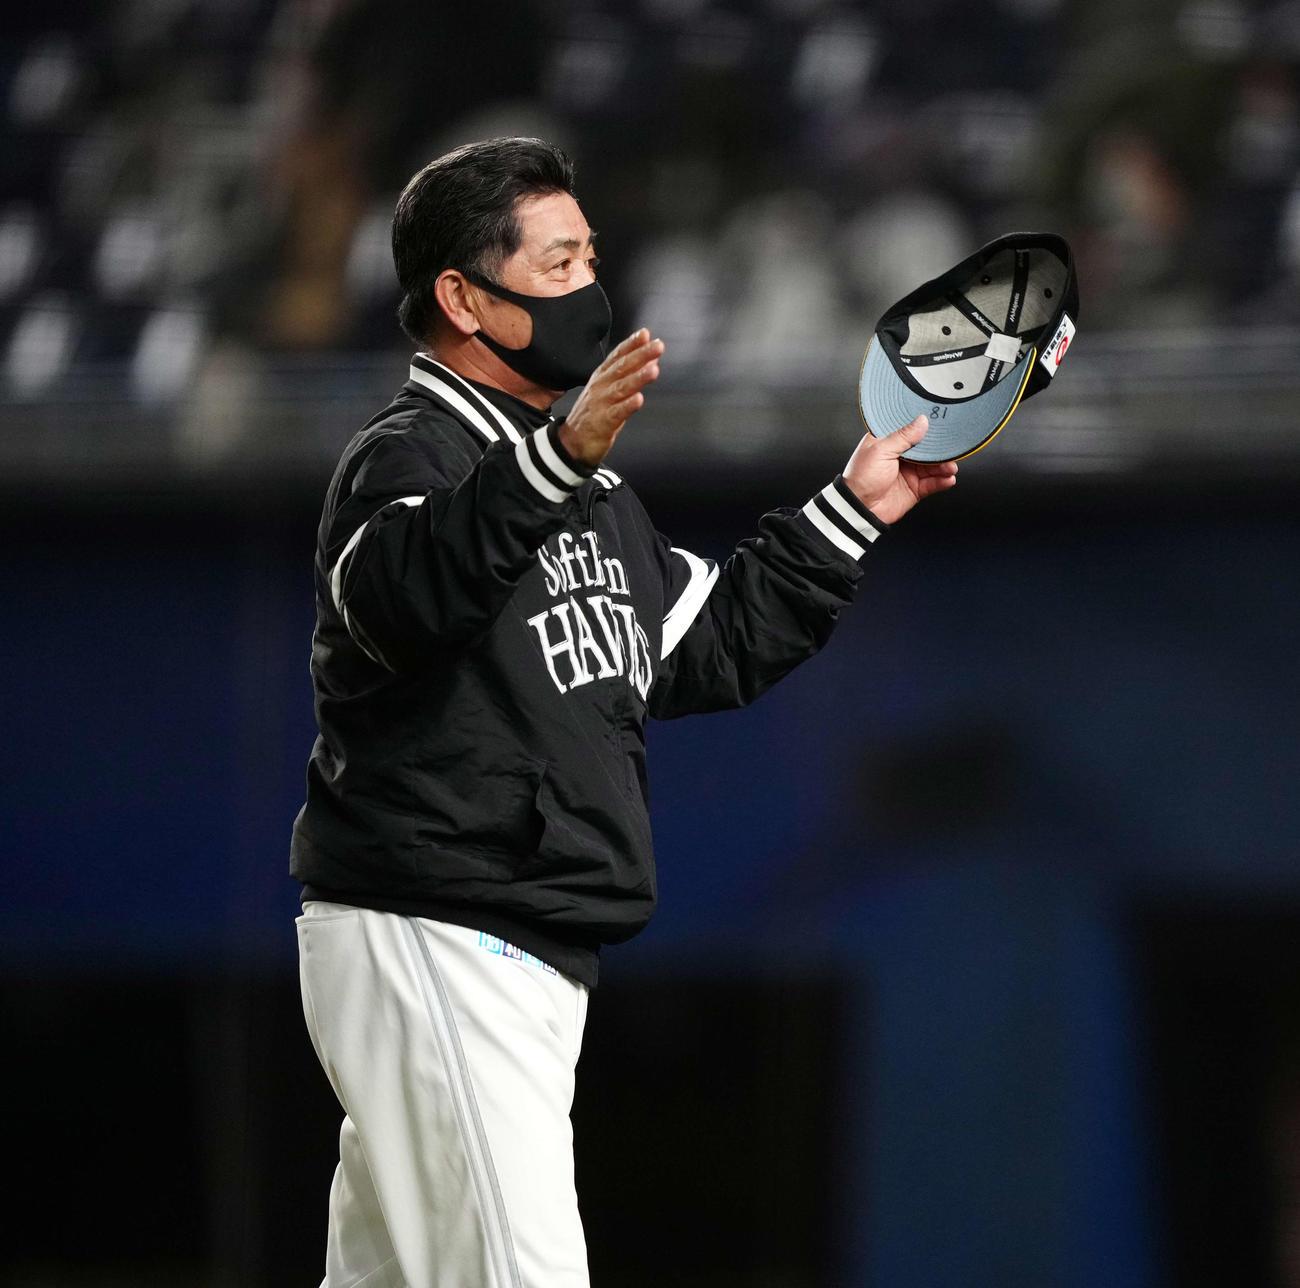 ロッテ対ソフトバンク 試合後、ファンにあいさつする工藤監督(撮影・江口和貴)